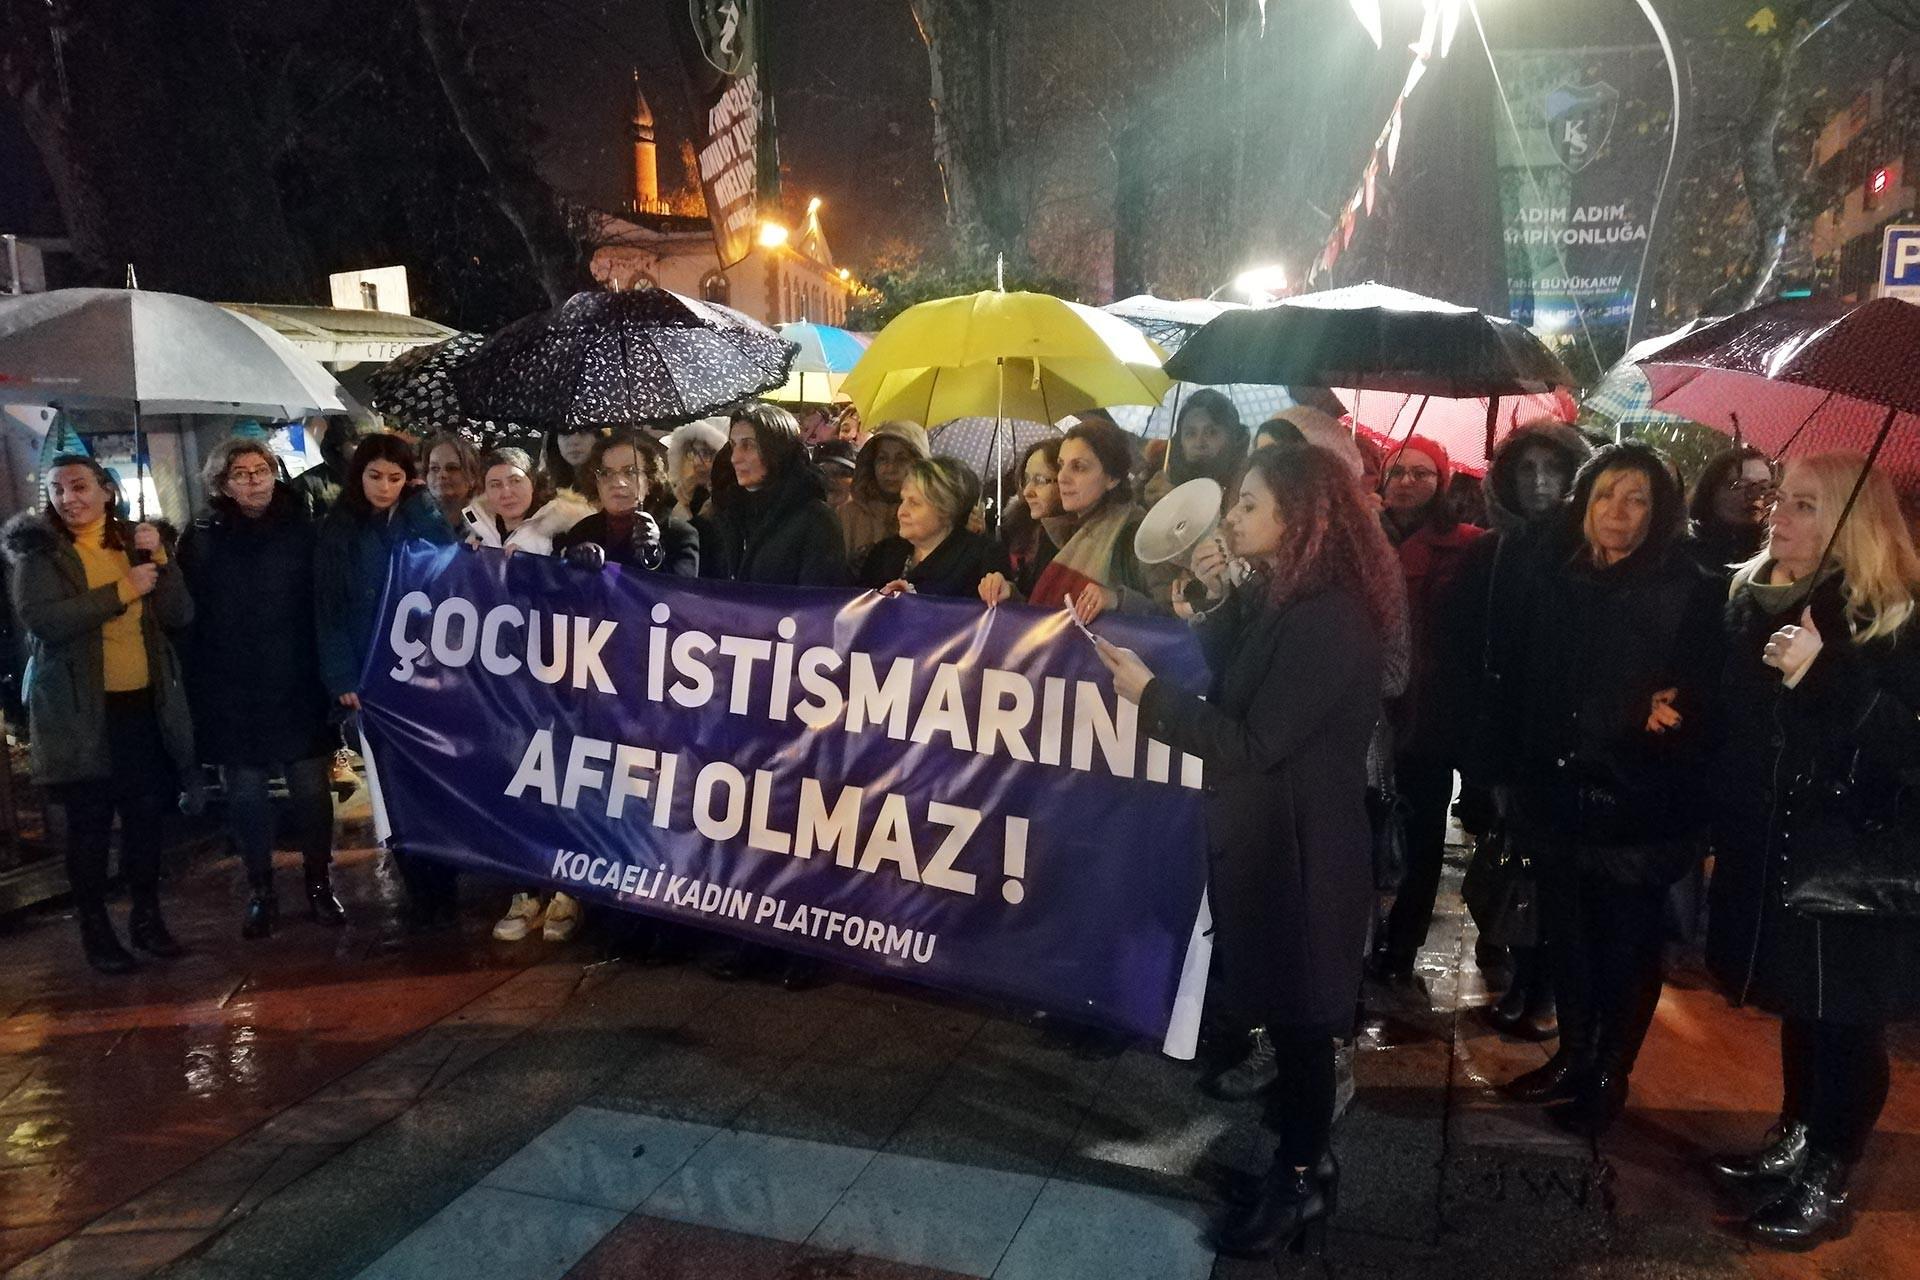 Kocaeli Kadın Platformunun çağrısıyla bir araya gelen kadınlar 'Çocuk istismarının affı olmaz!' pankartı ile basın açıklaması yaparken